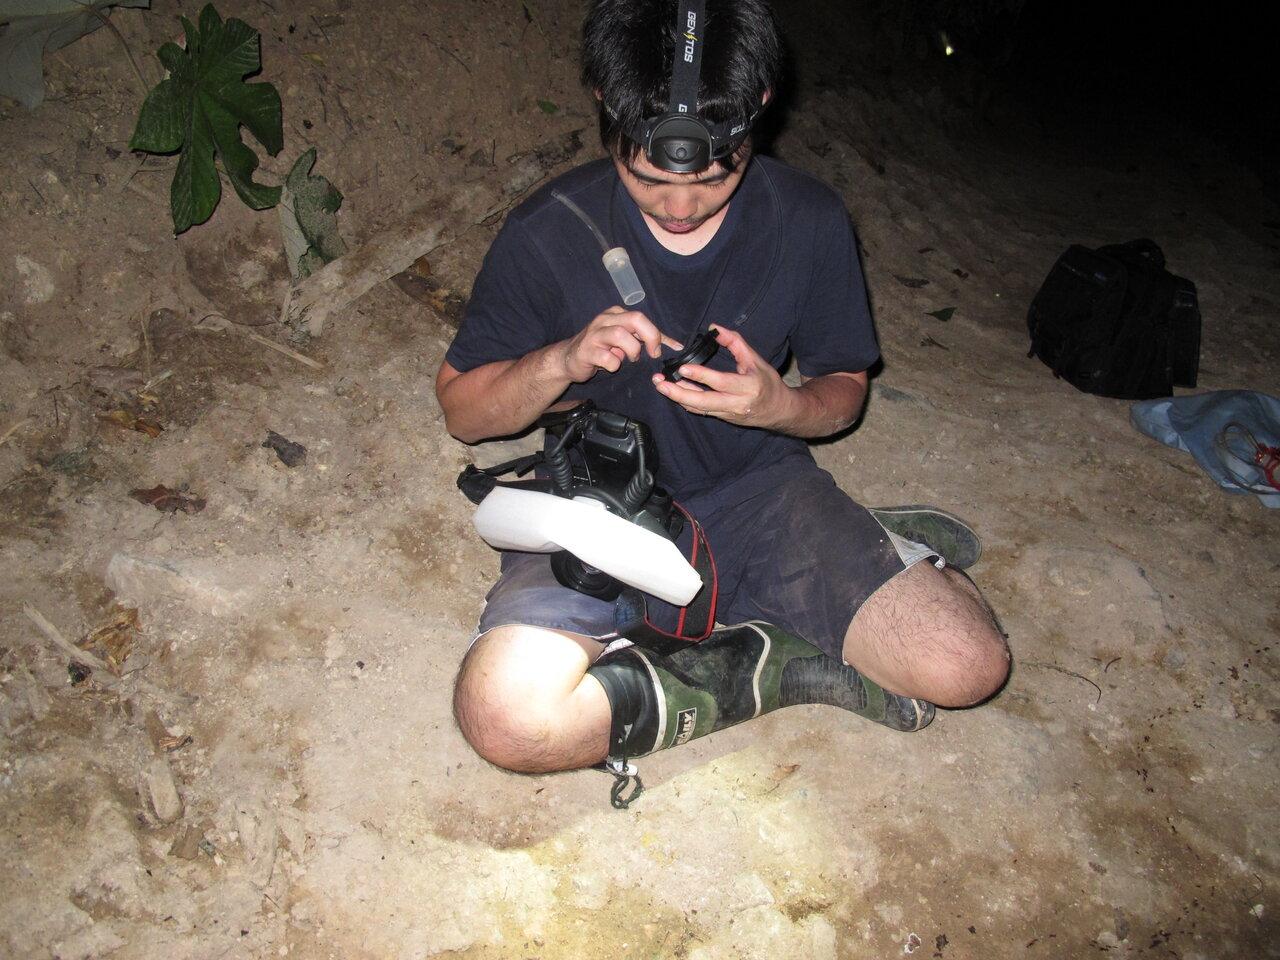 """南米ペルーでグンタイアリの行列を撮影しようとしている島田さん。  <small class=""""font-small"""">写真提供:島田拓</small>"""